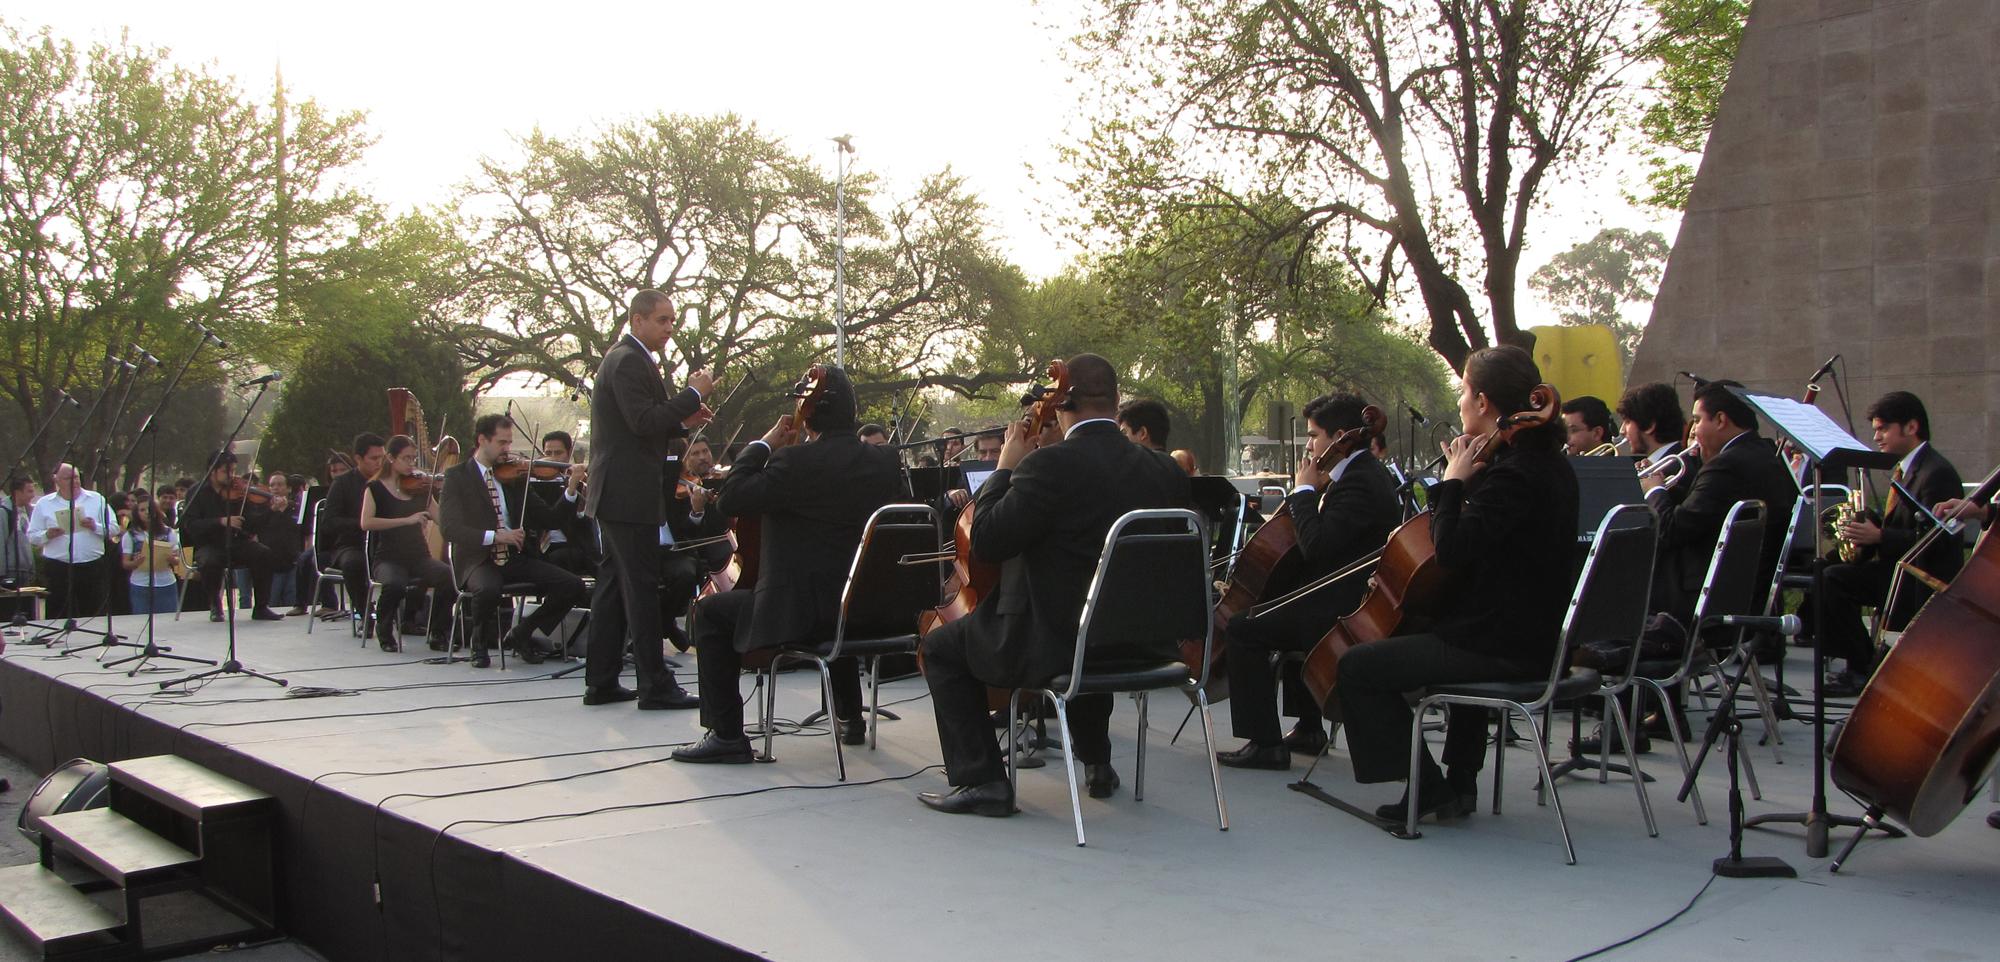 La Orquesta de Cámara y Coro de la Facultad de Música entonaron el Himno Nacional Mexicano